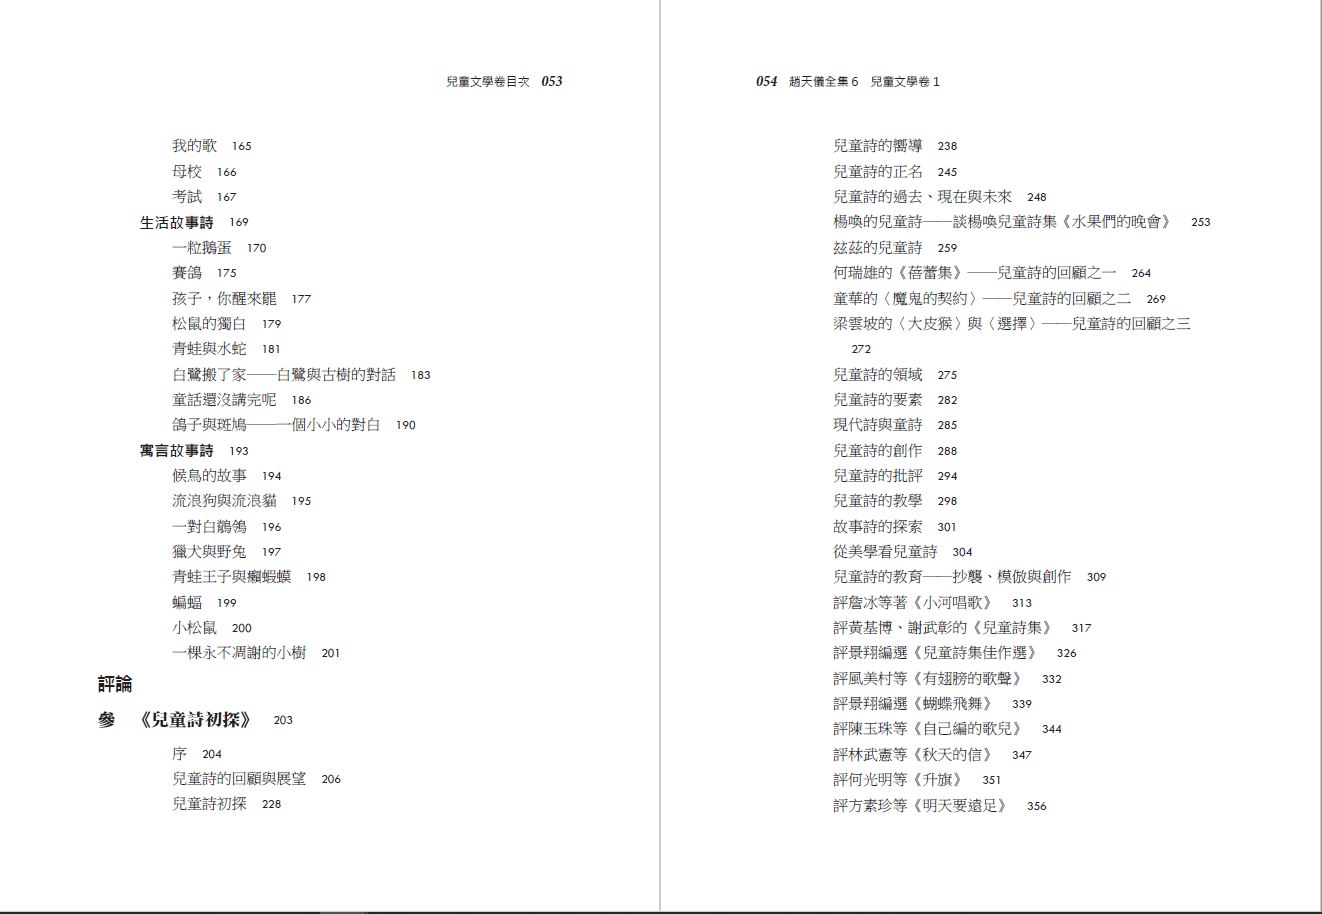 趙天儀全集-兒童文學卷-目錄4.JPG